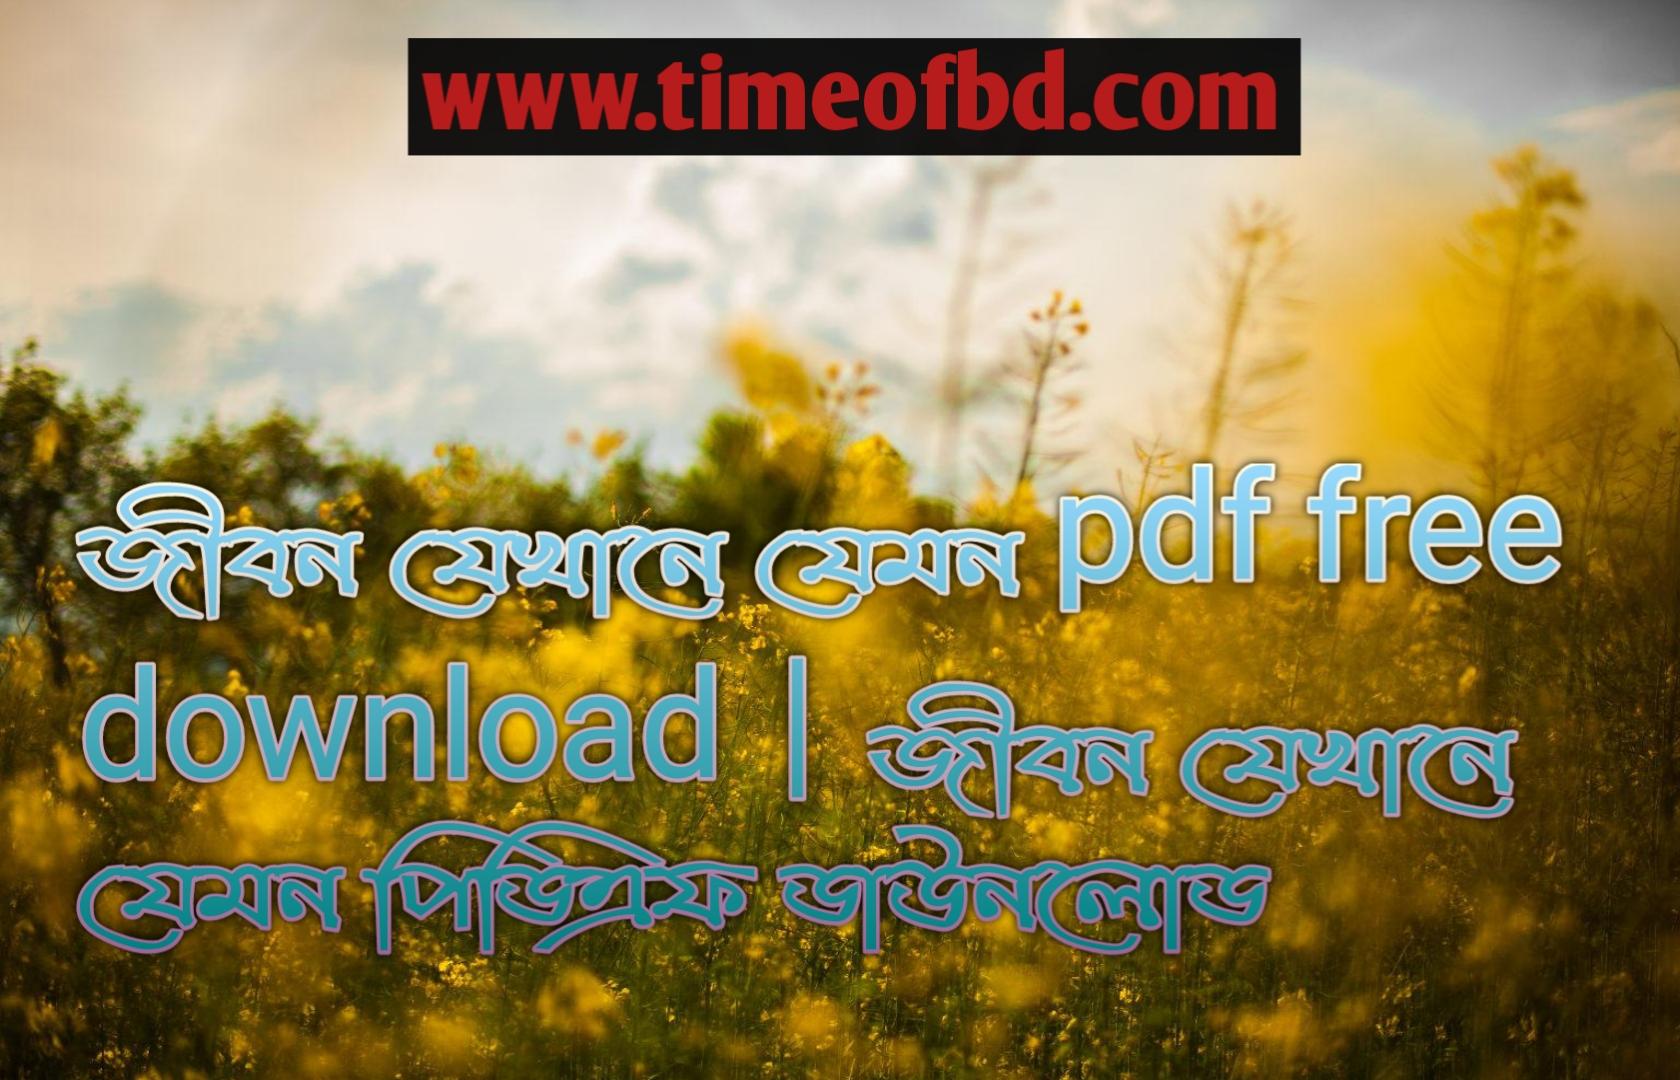 জীবন যেখানে যেমন pdf free download, জীবন যেখানে যেমন পিডিএফ ডাউনলোড, সবার জন্য ভোকাবুলারি pdf, সবার জন্য ভোকাবুলারি pdf free download,